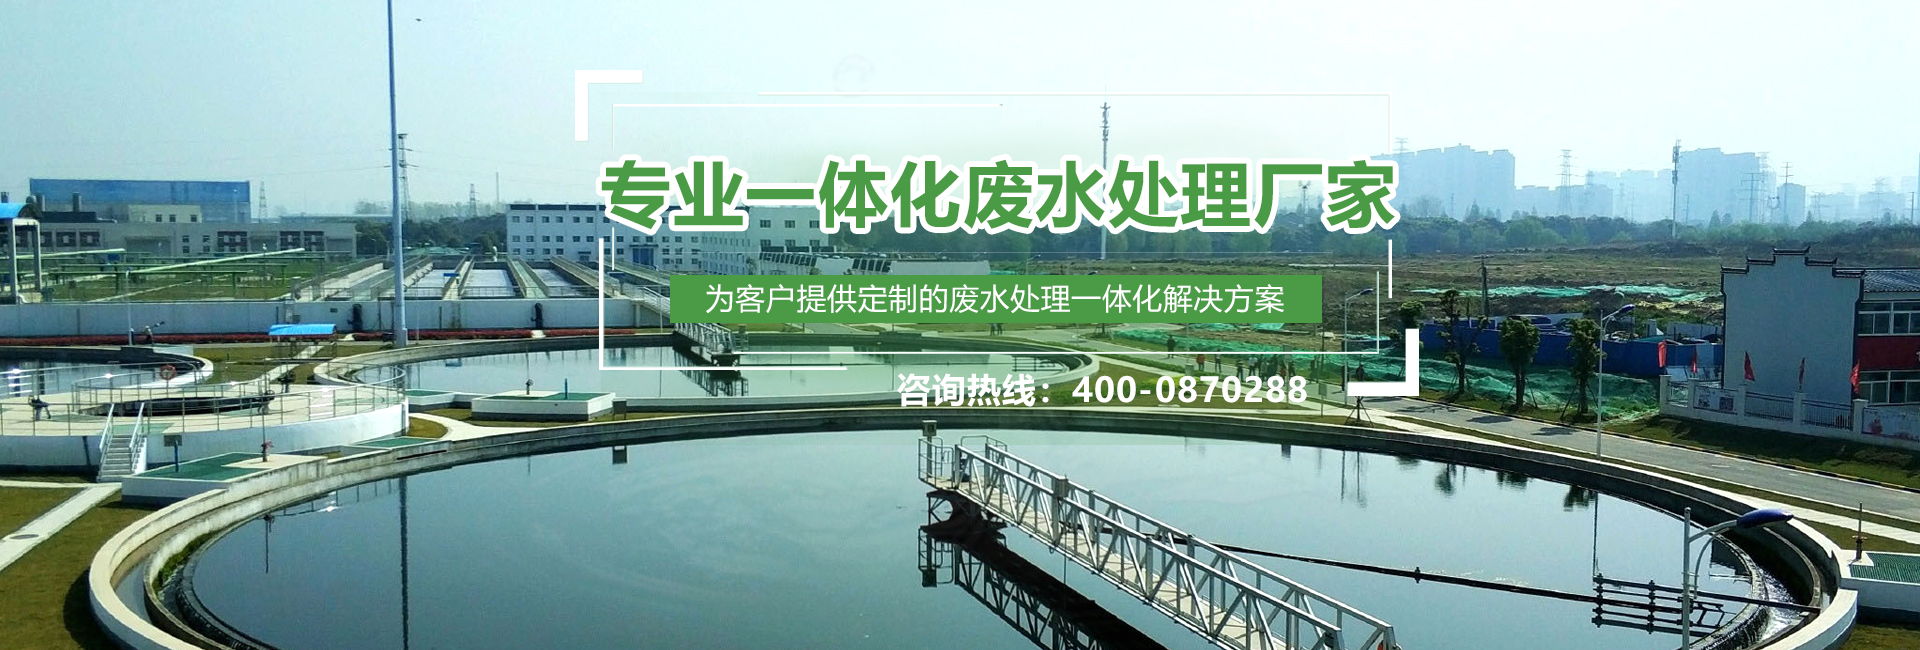 四川医疗废水处理